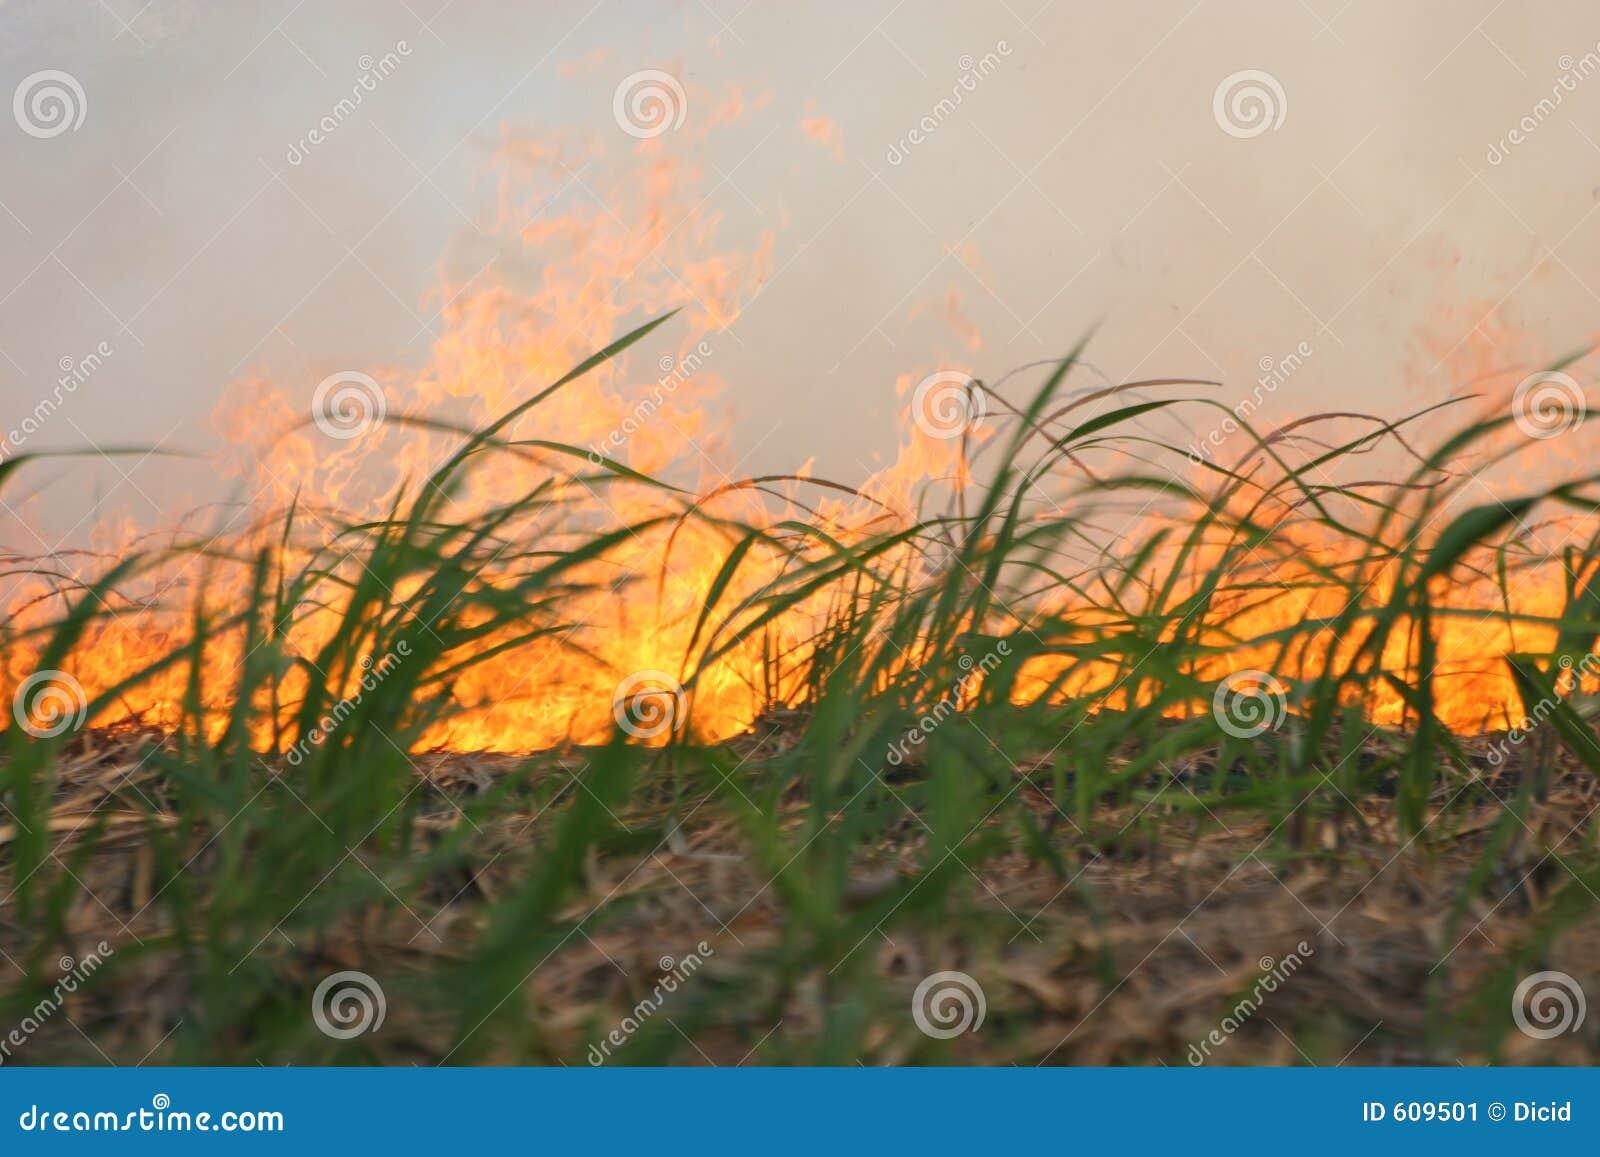 De brand van het riet